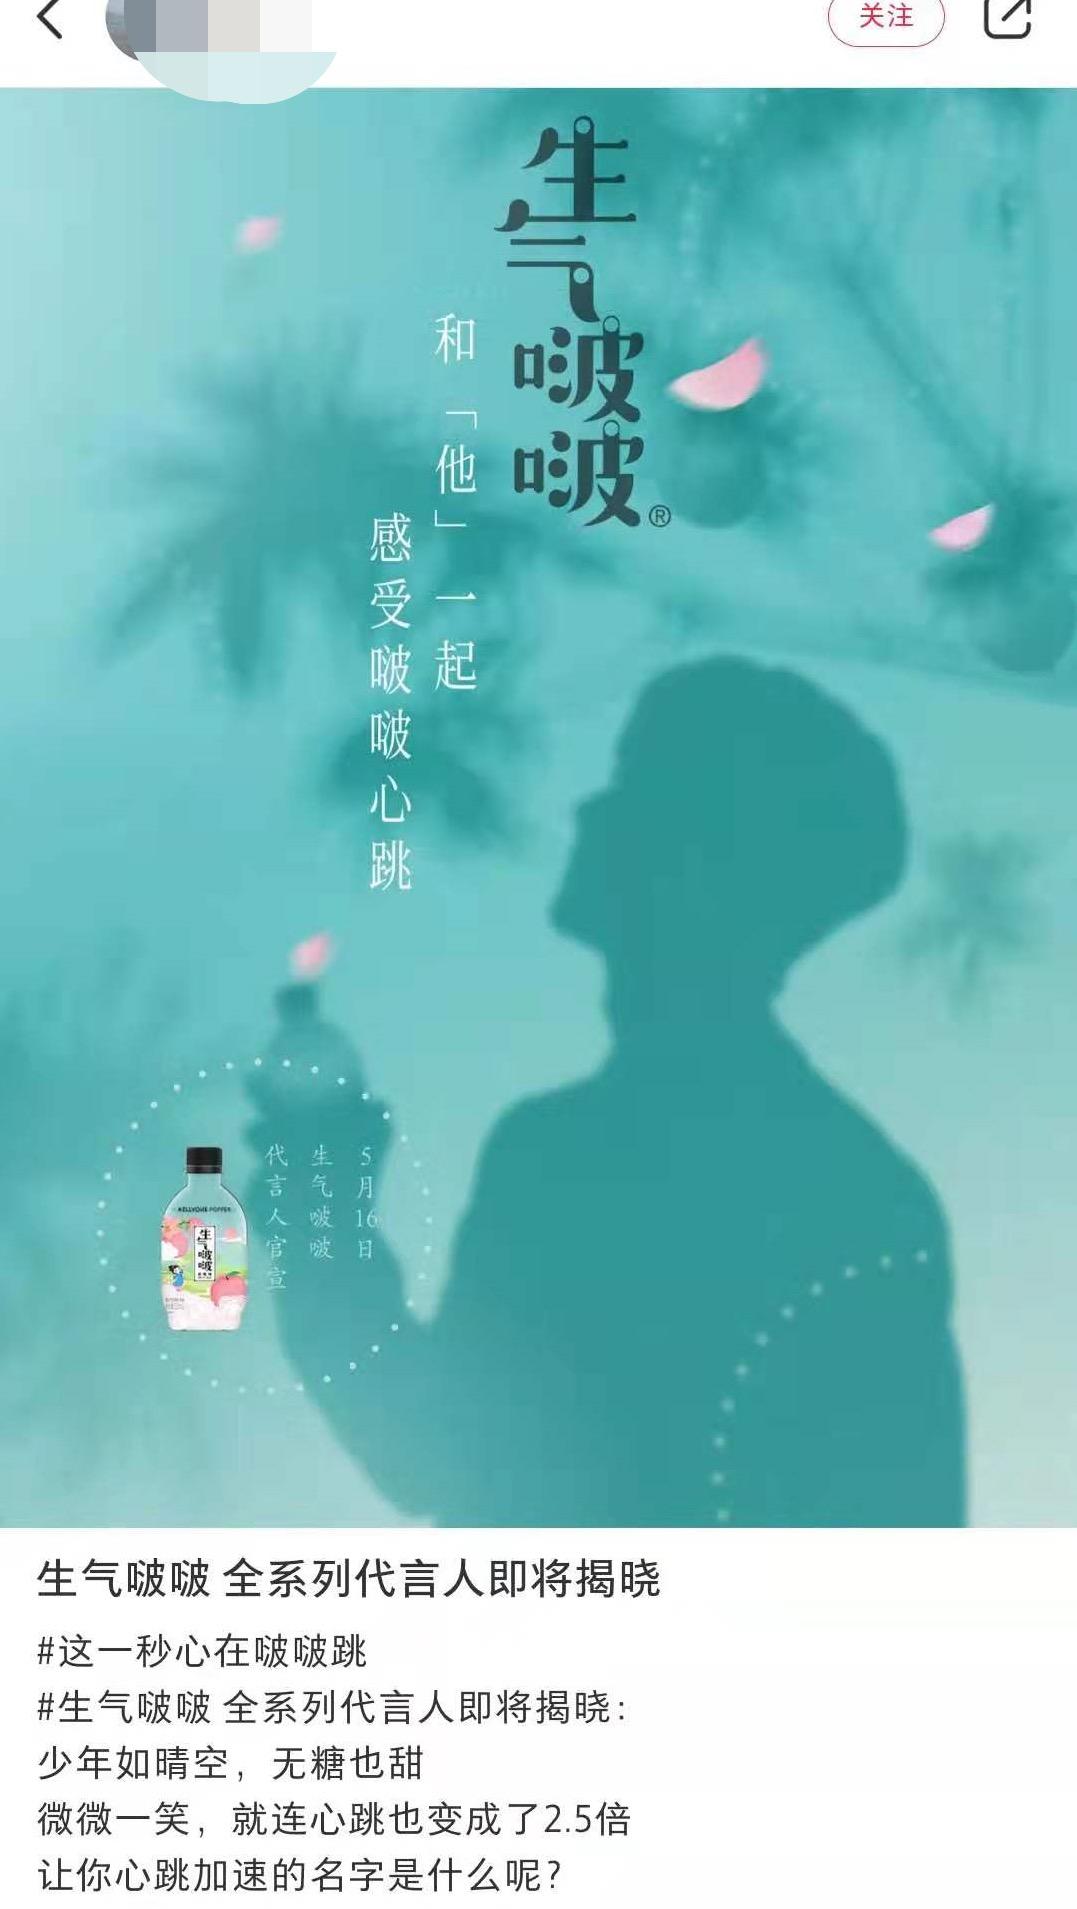 """翻车?王一博代言的生气啵啵宣称""""2.5倍气泡""""上海消保委:我们觉得是在忽悠人"""